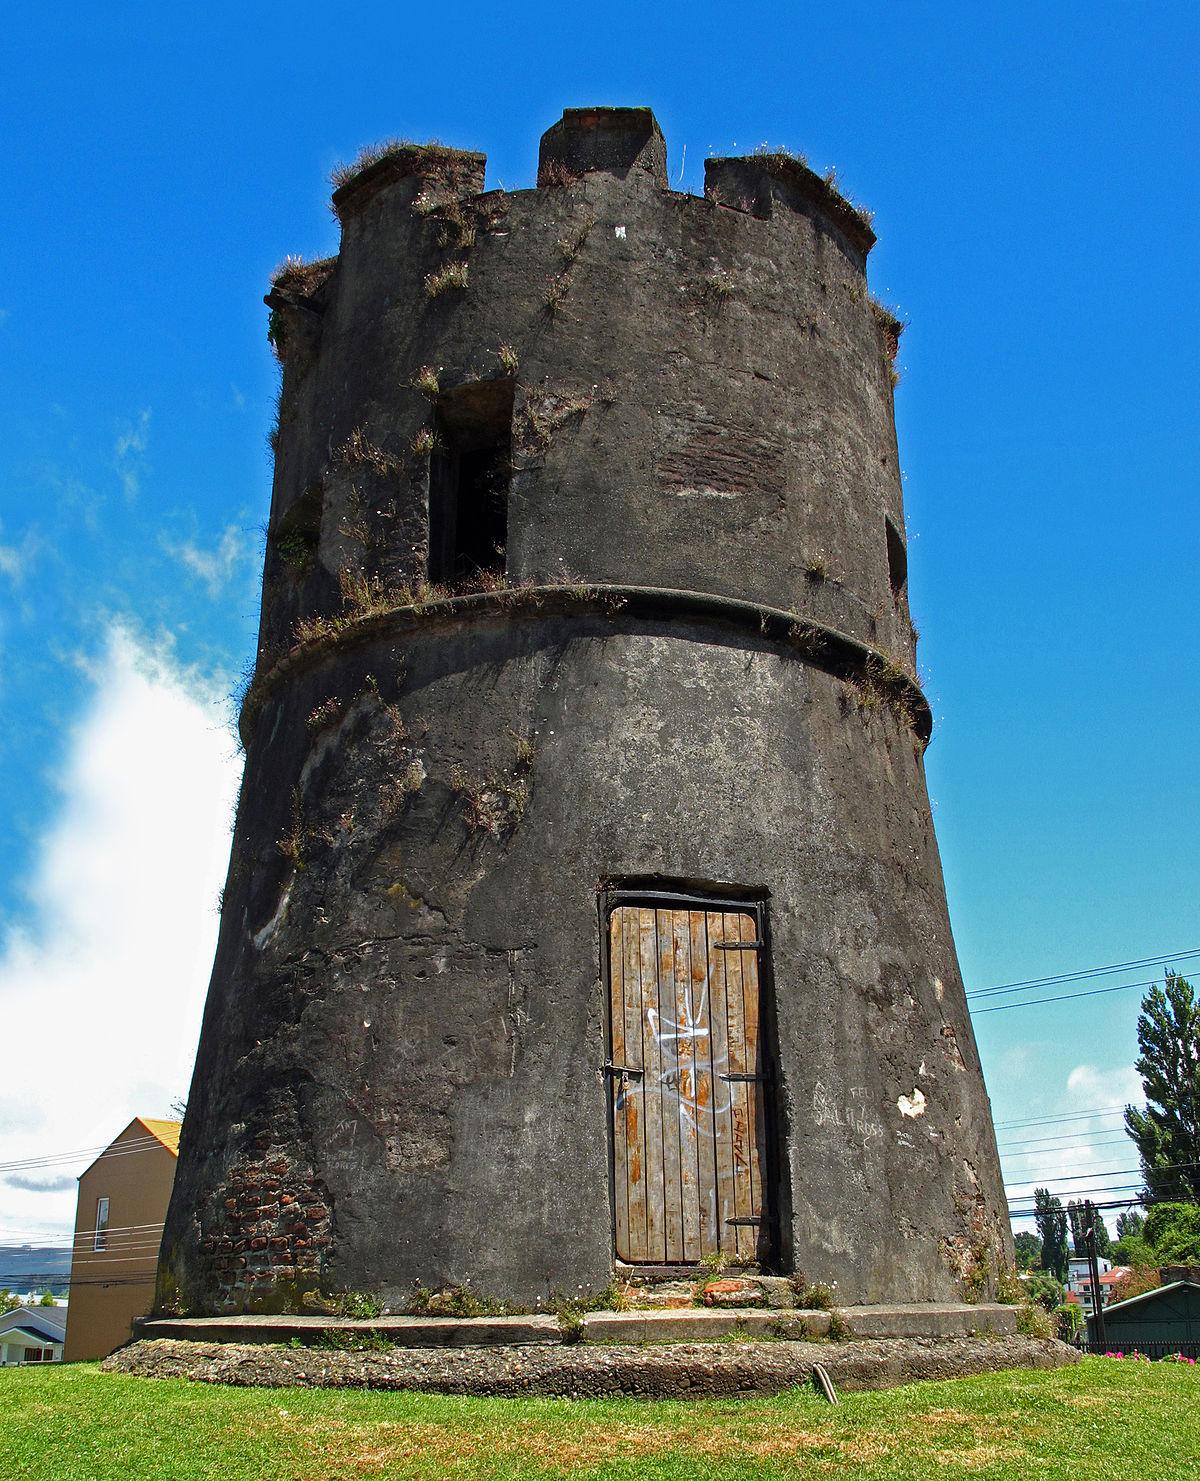 Monumentos nacionales de chile wikipedia la for Que es arquitectonico wikipedia